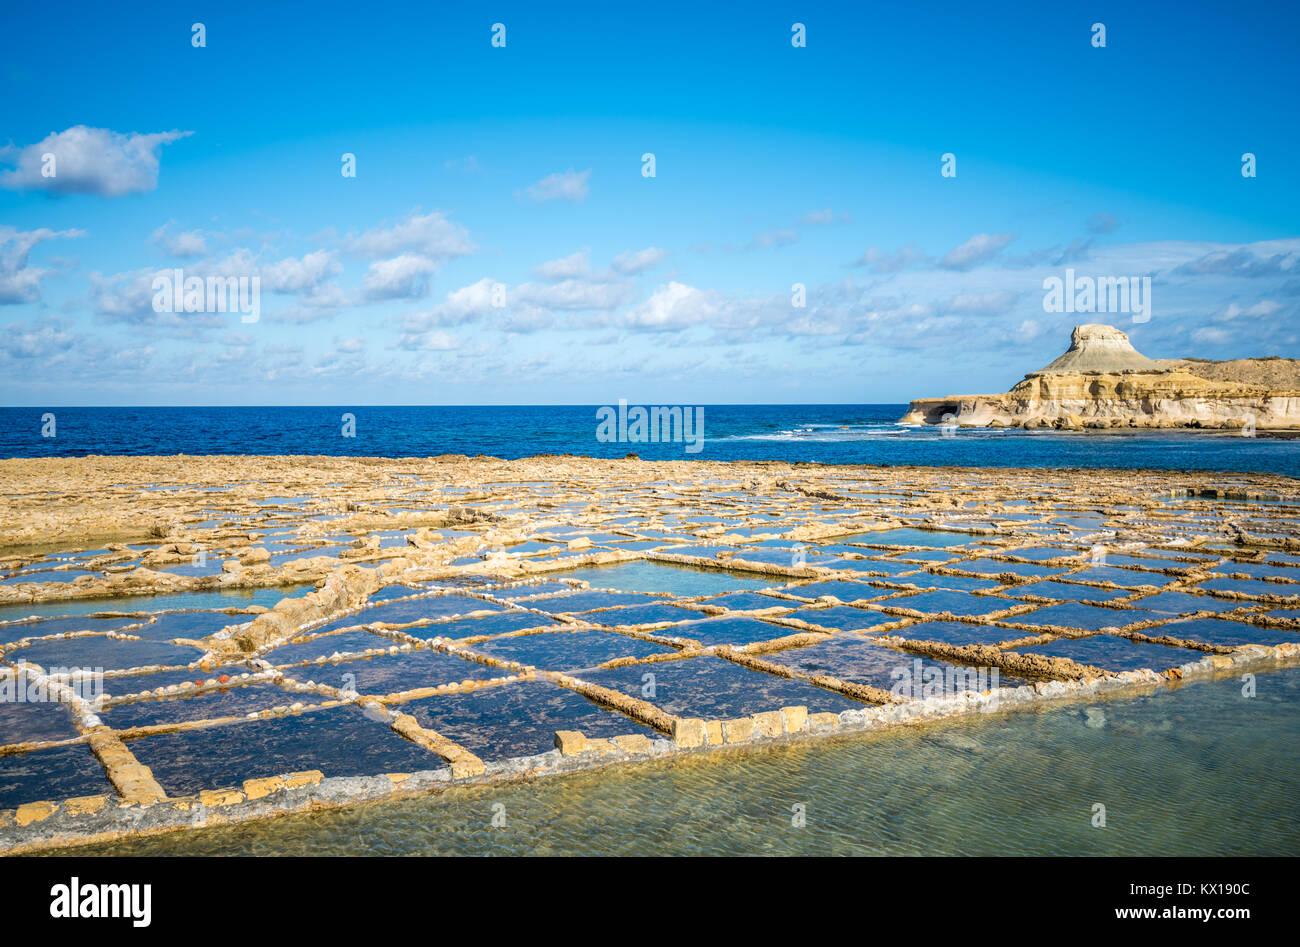 Salt evaporation ponds on Gozo island, Malta - Stock Image